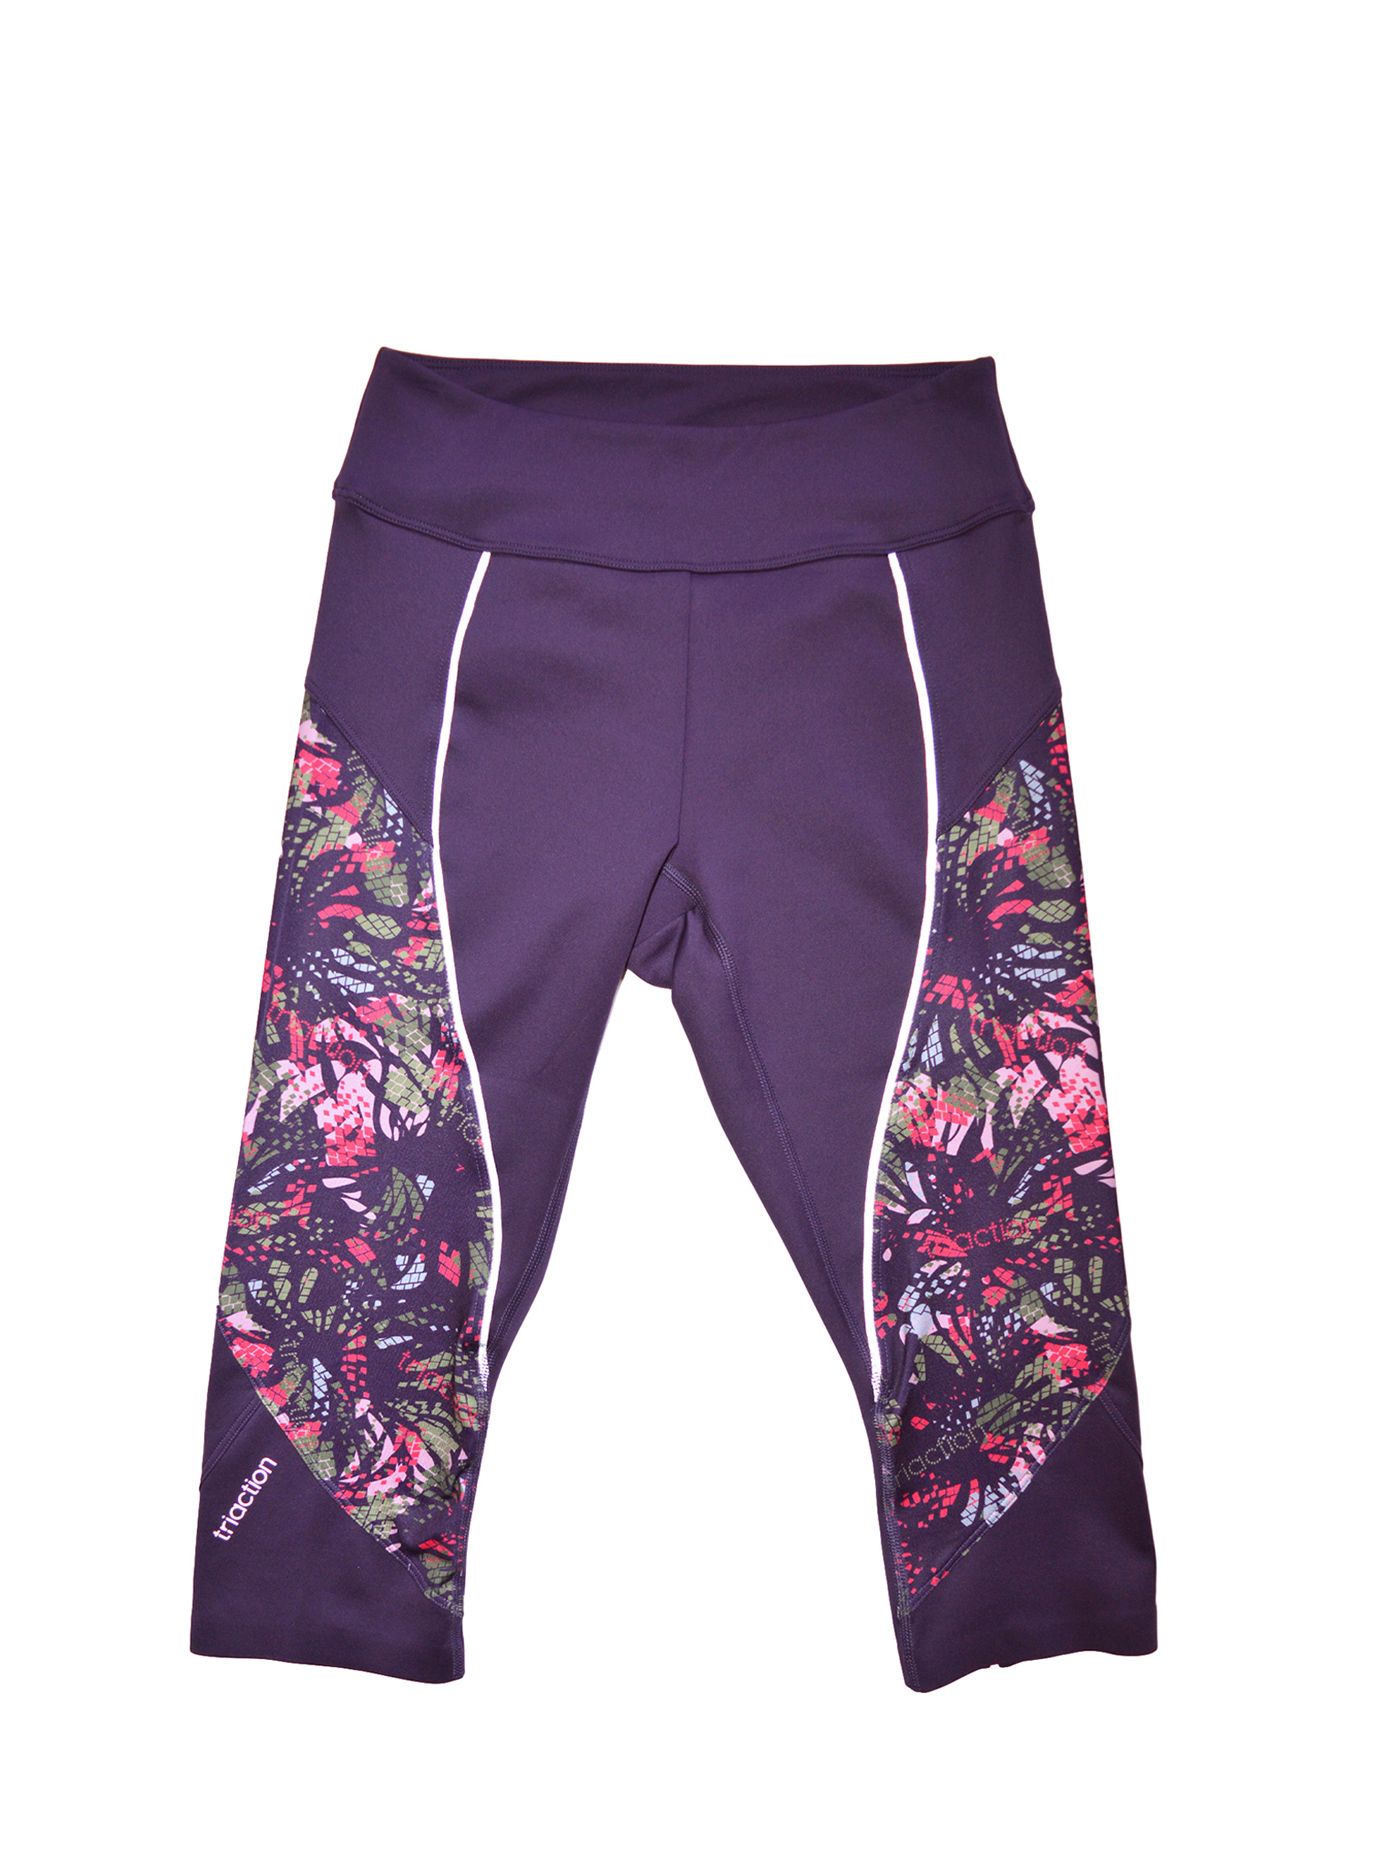 กางเกงออกกำลังกาย สีม่วง ไซส์ M